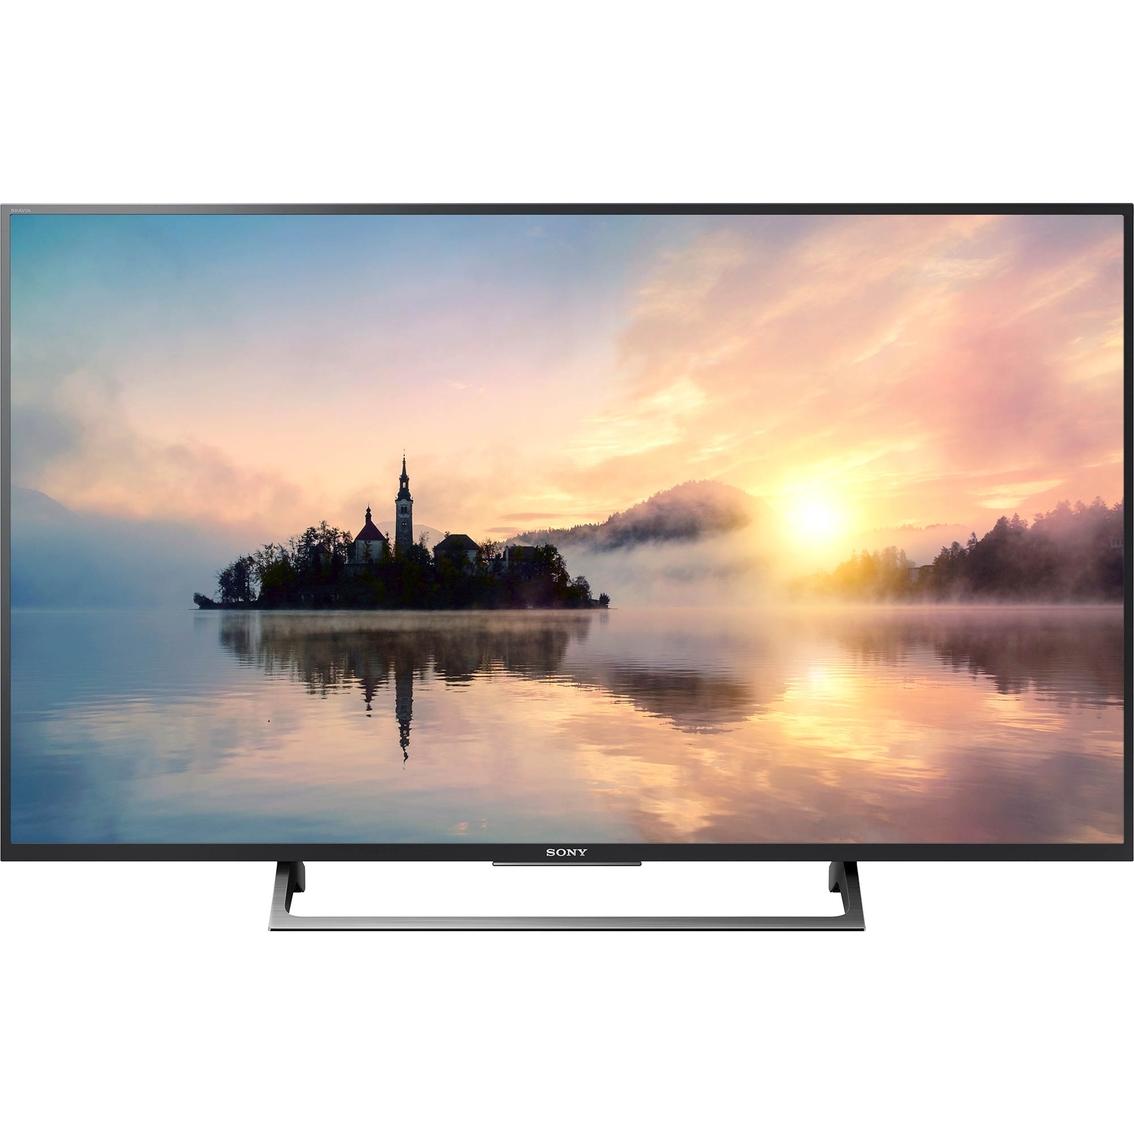 Sony 49 In. 4K HDR 60 Hz. Smart TV KD49X720E - $399 shipped (AAFES)